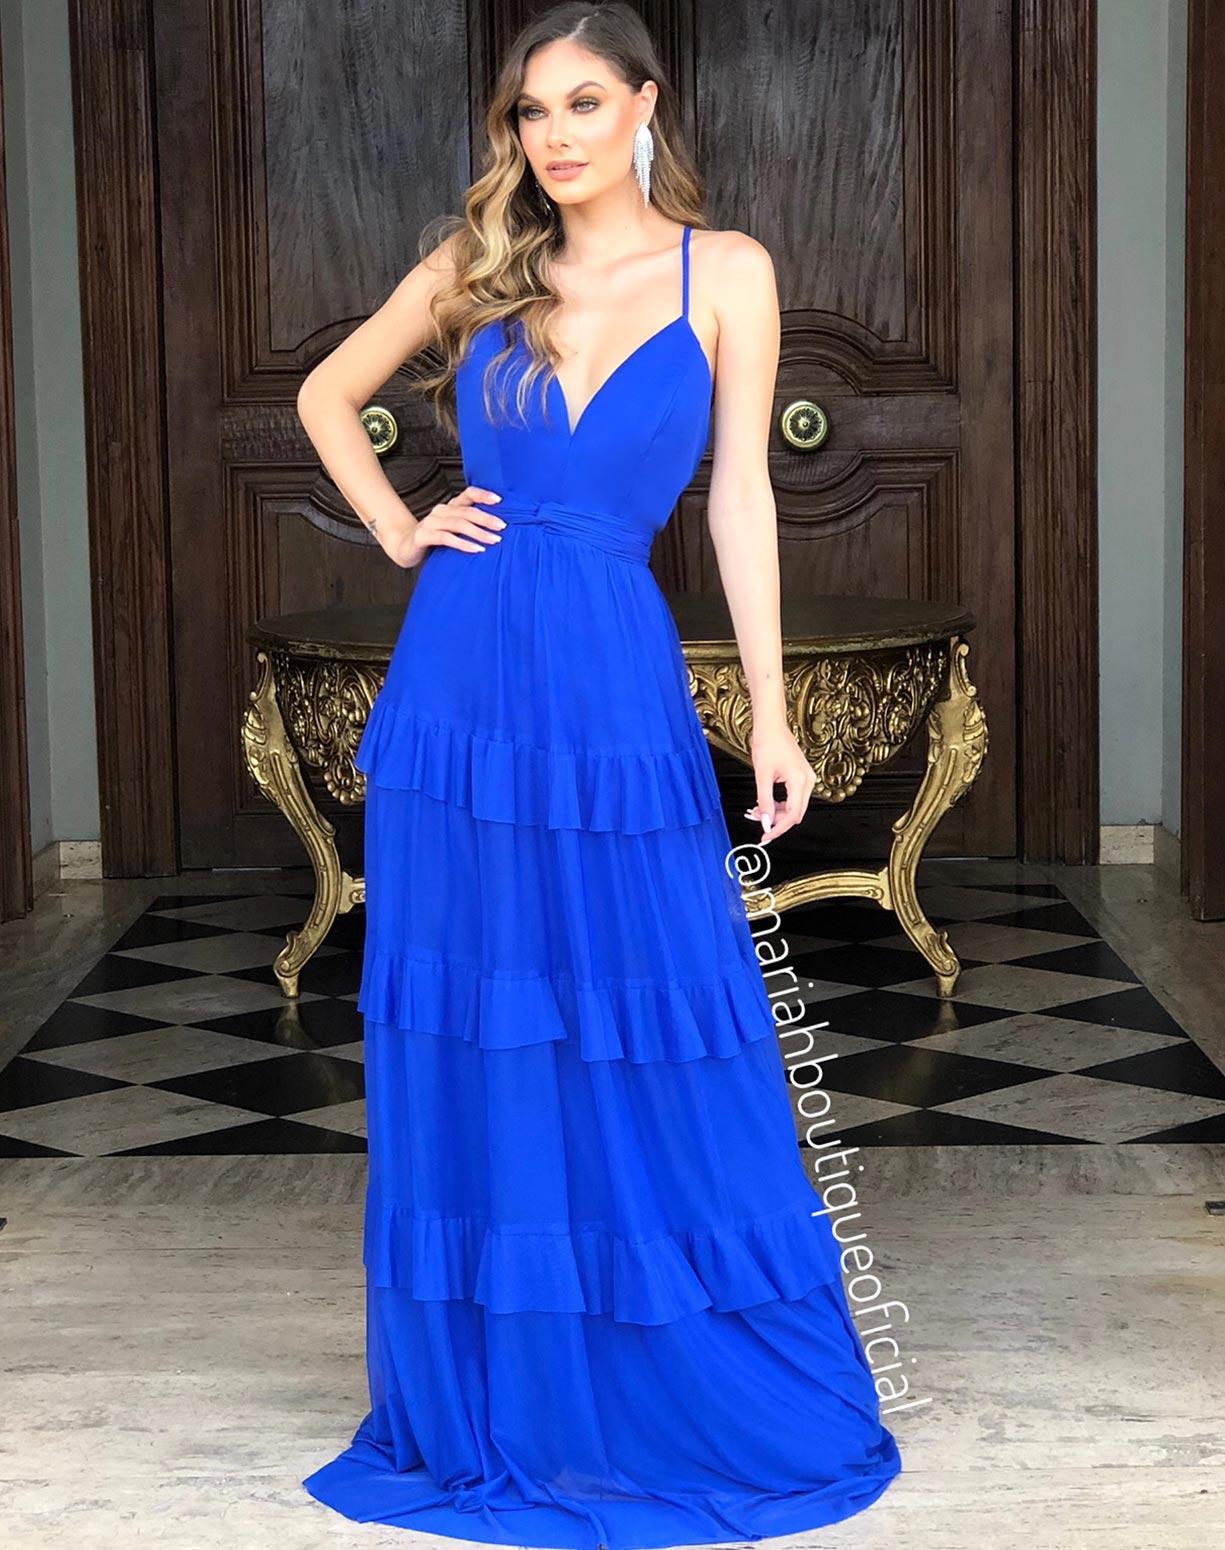 Vestido Azul Royal com saia em camadas